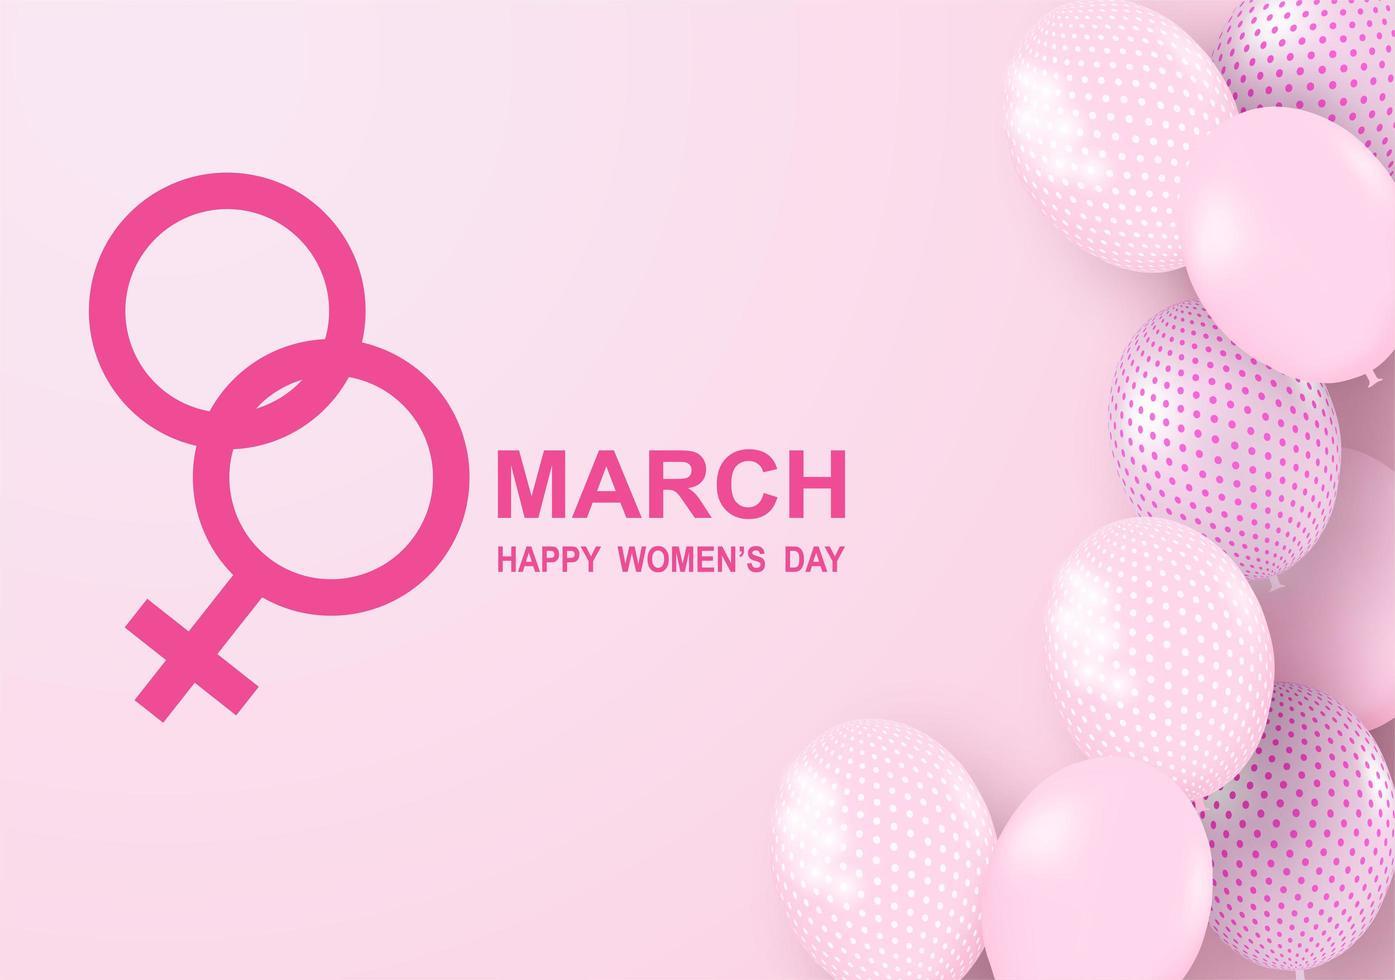 Vrouwendagontwerp met roze ballonnen en vrouwelijk symbool vector